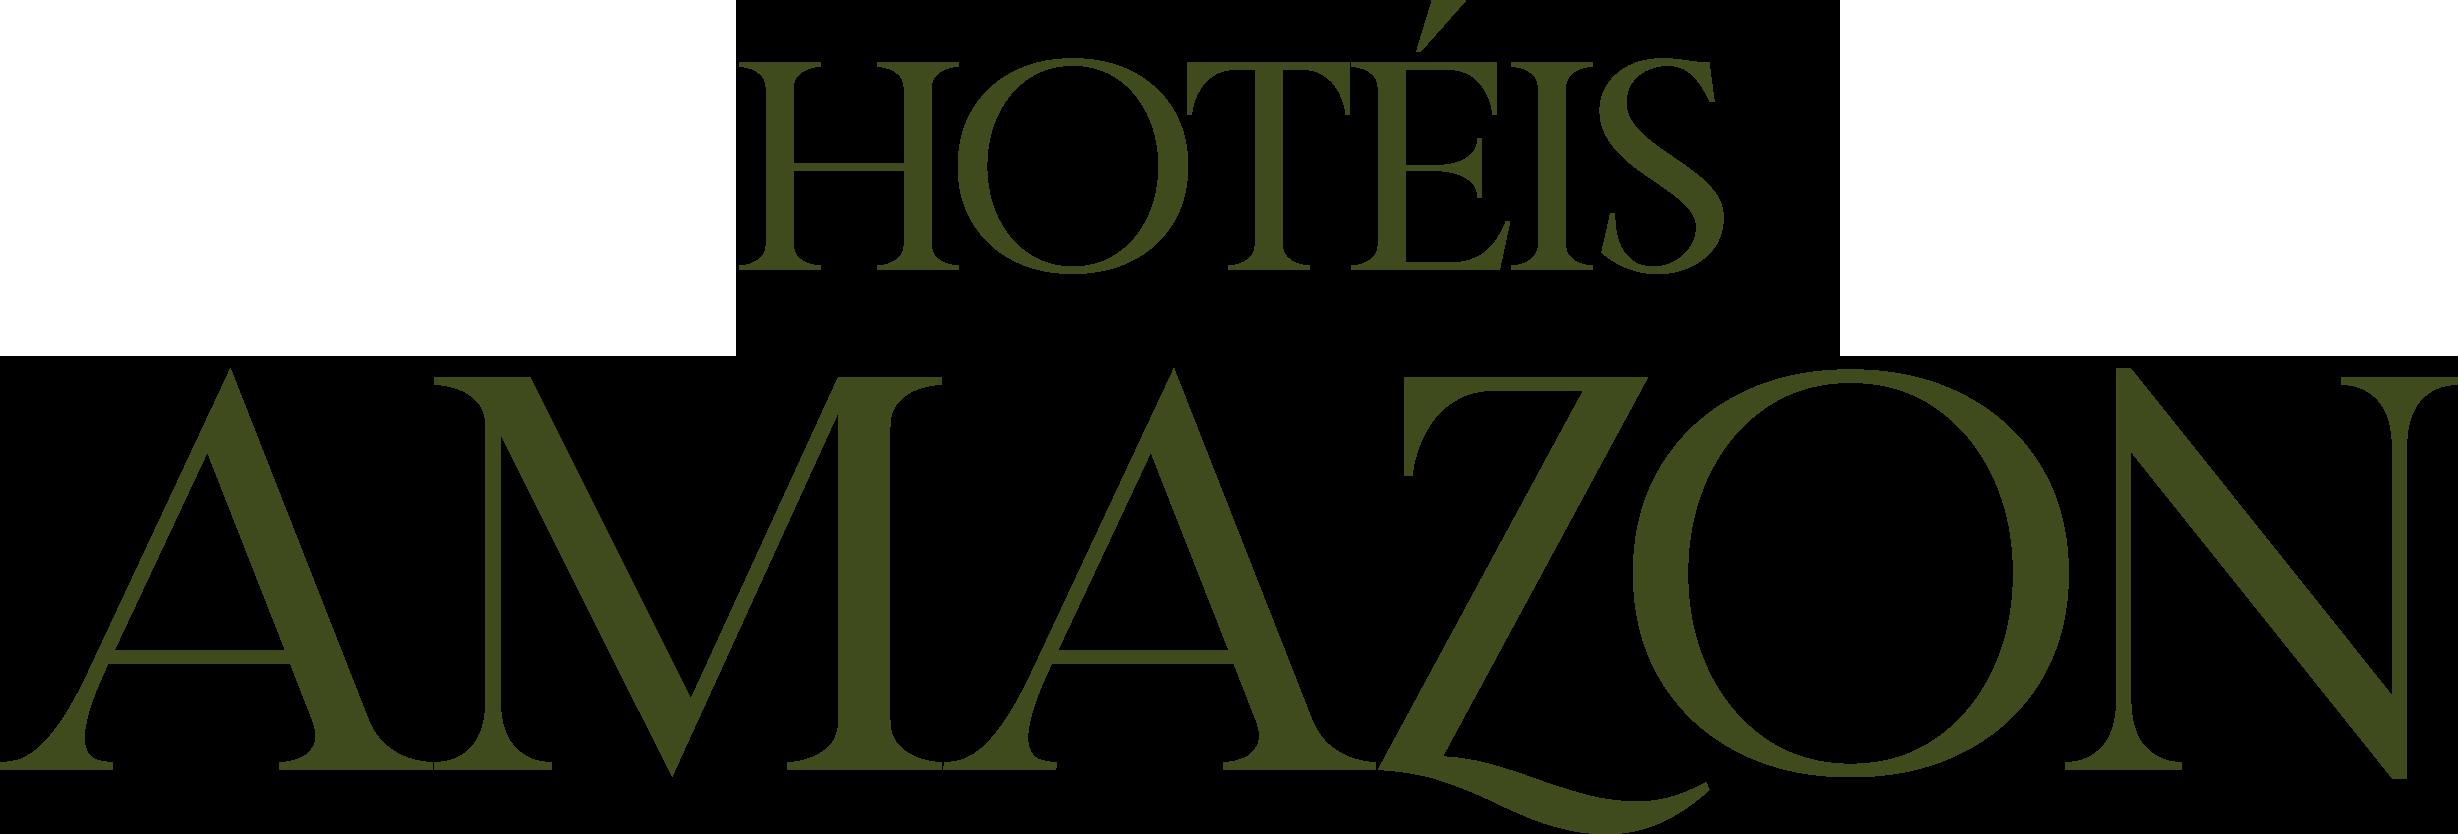 Hotéis Amazon